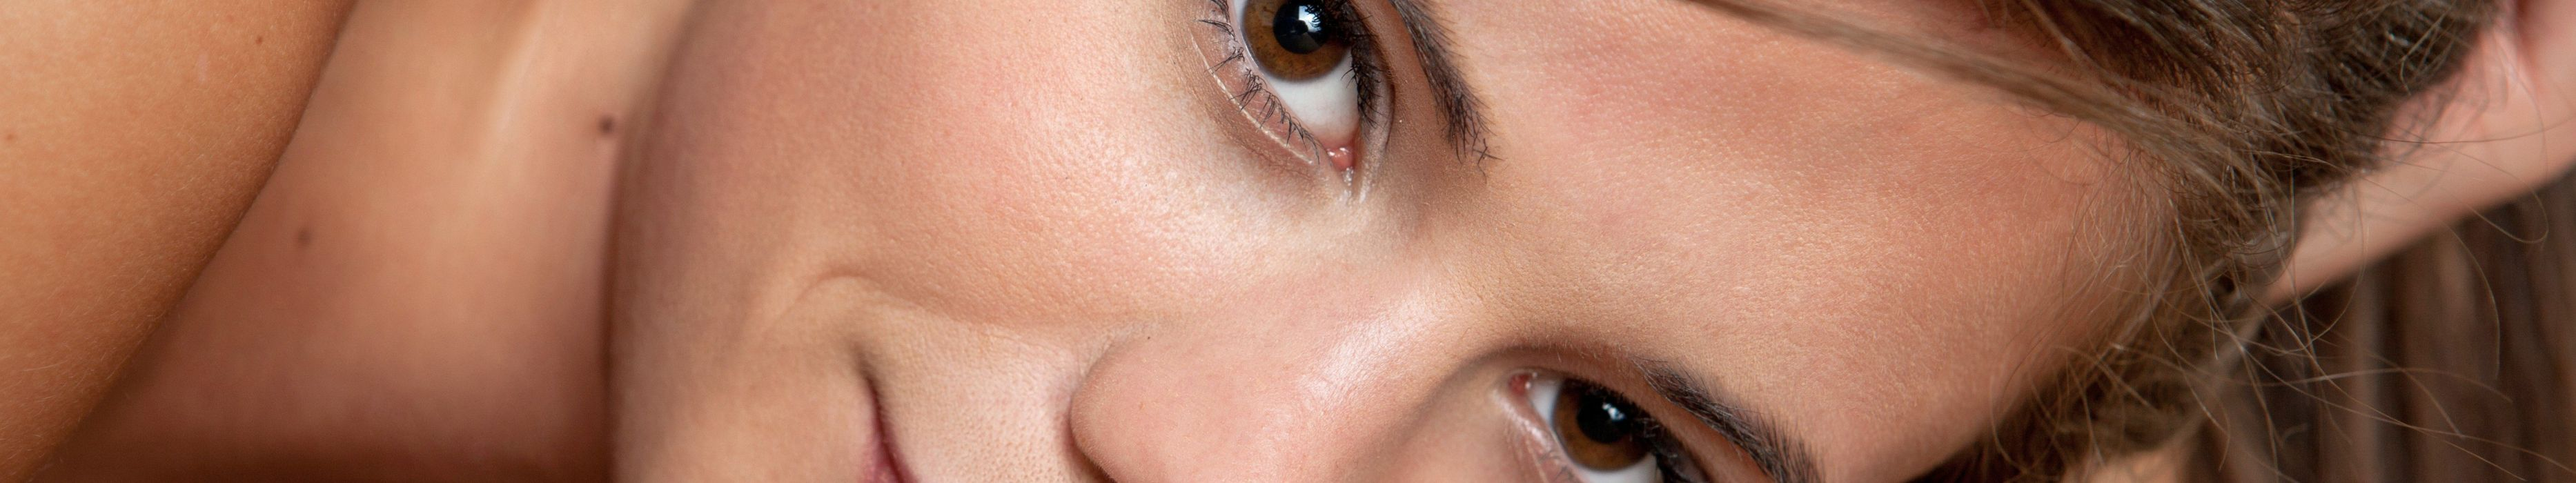 women Little Caprice nude Eyefinity wallpaper